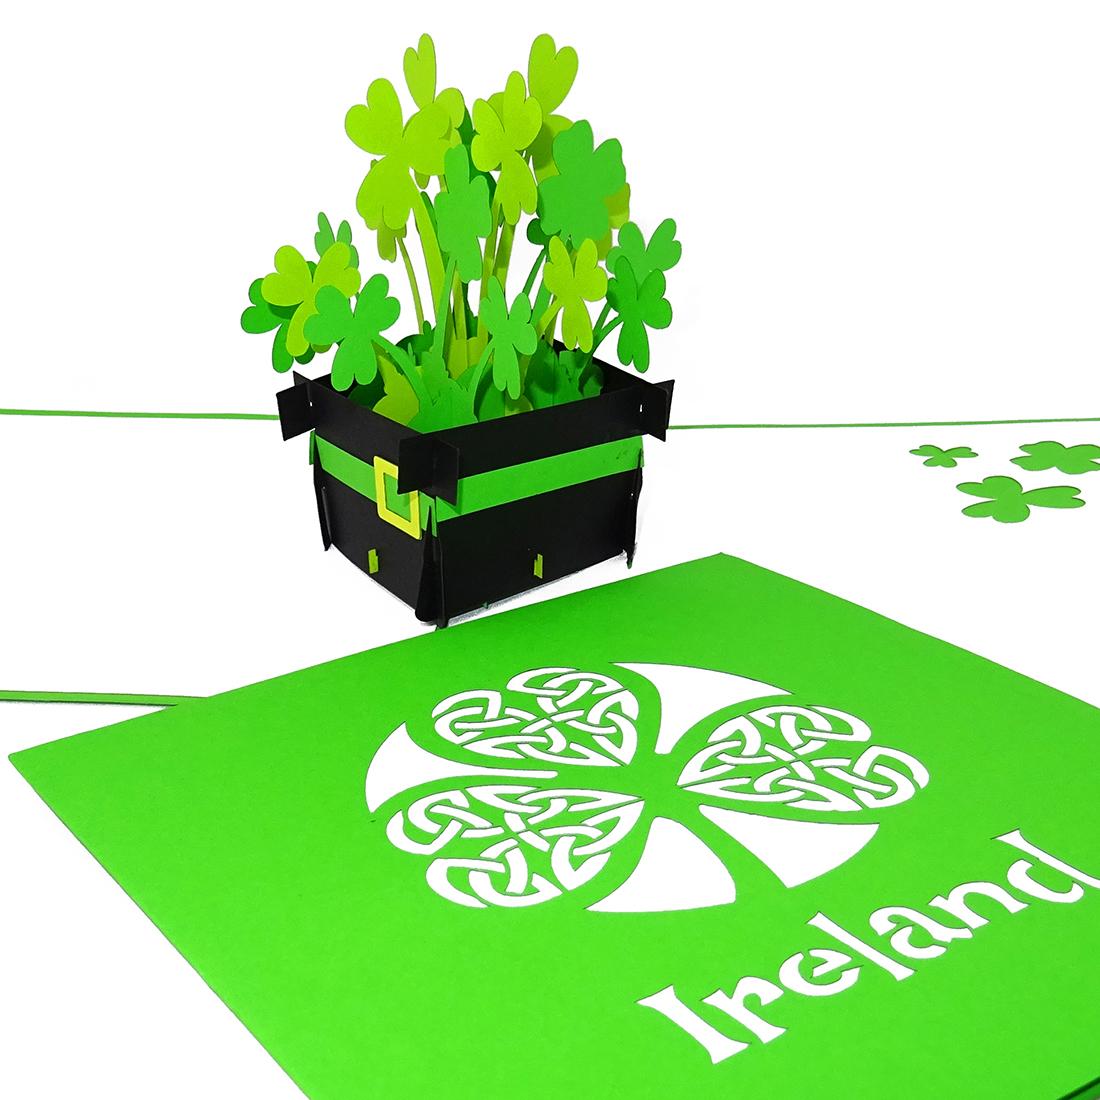 """Pop Up Karte """"Irland"""" - Souvenir, Grusskarte, Reisegutschein"""